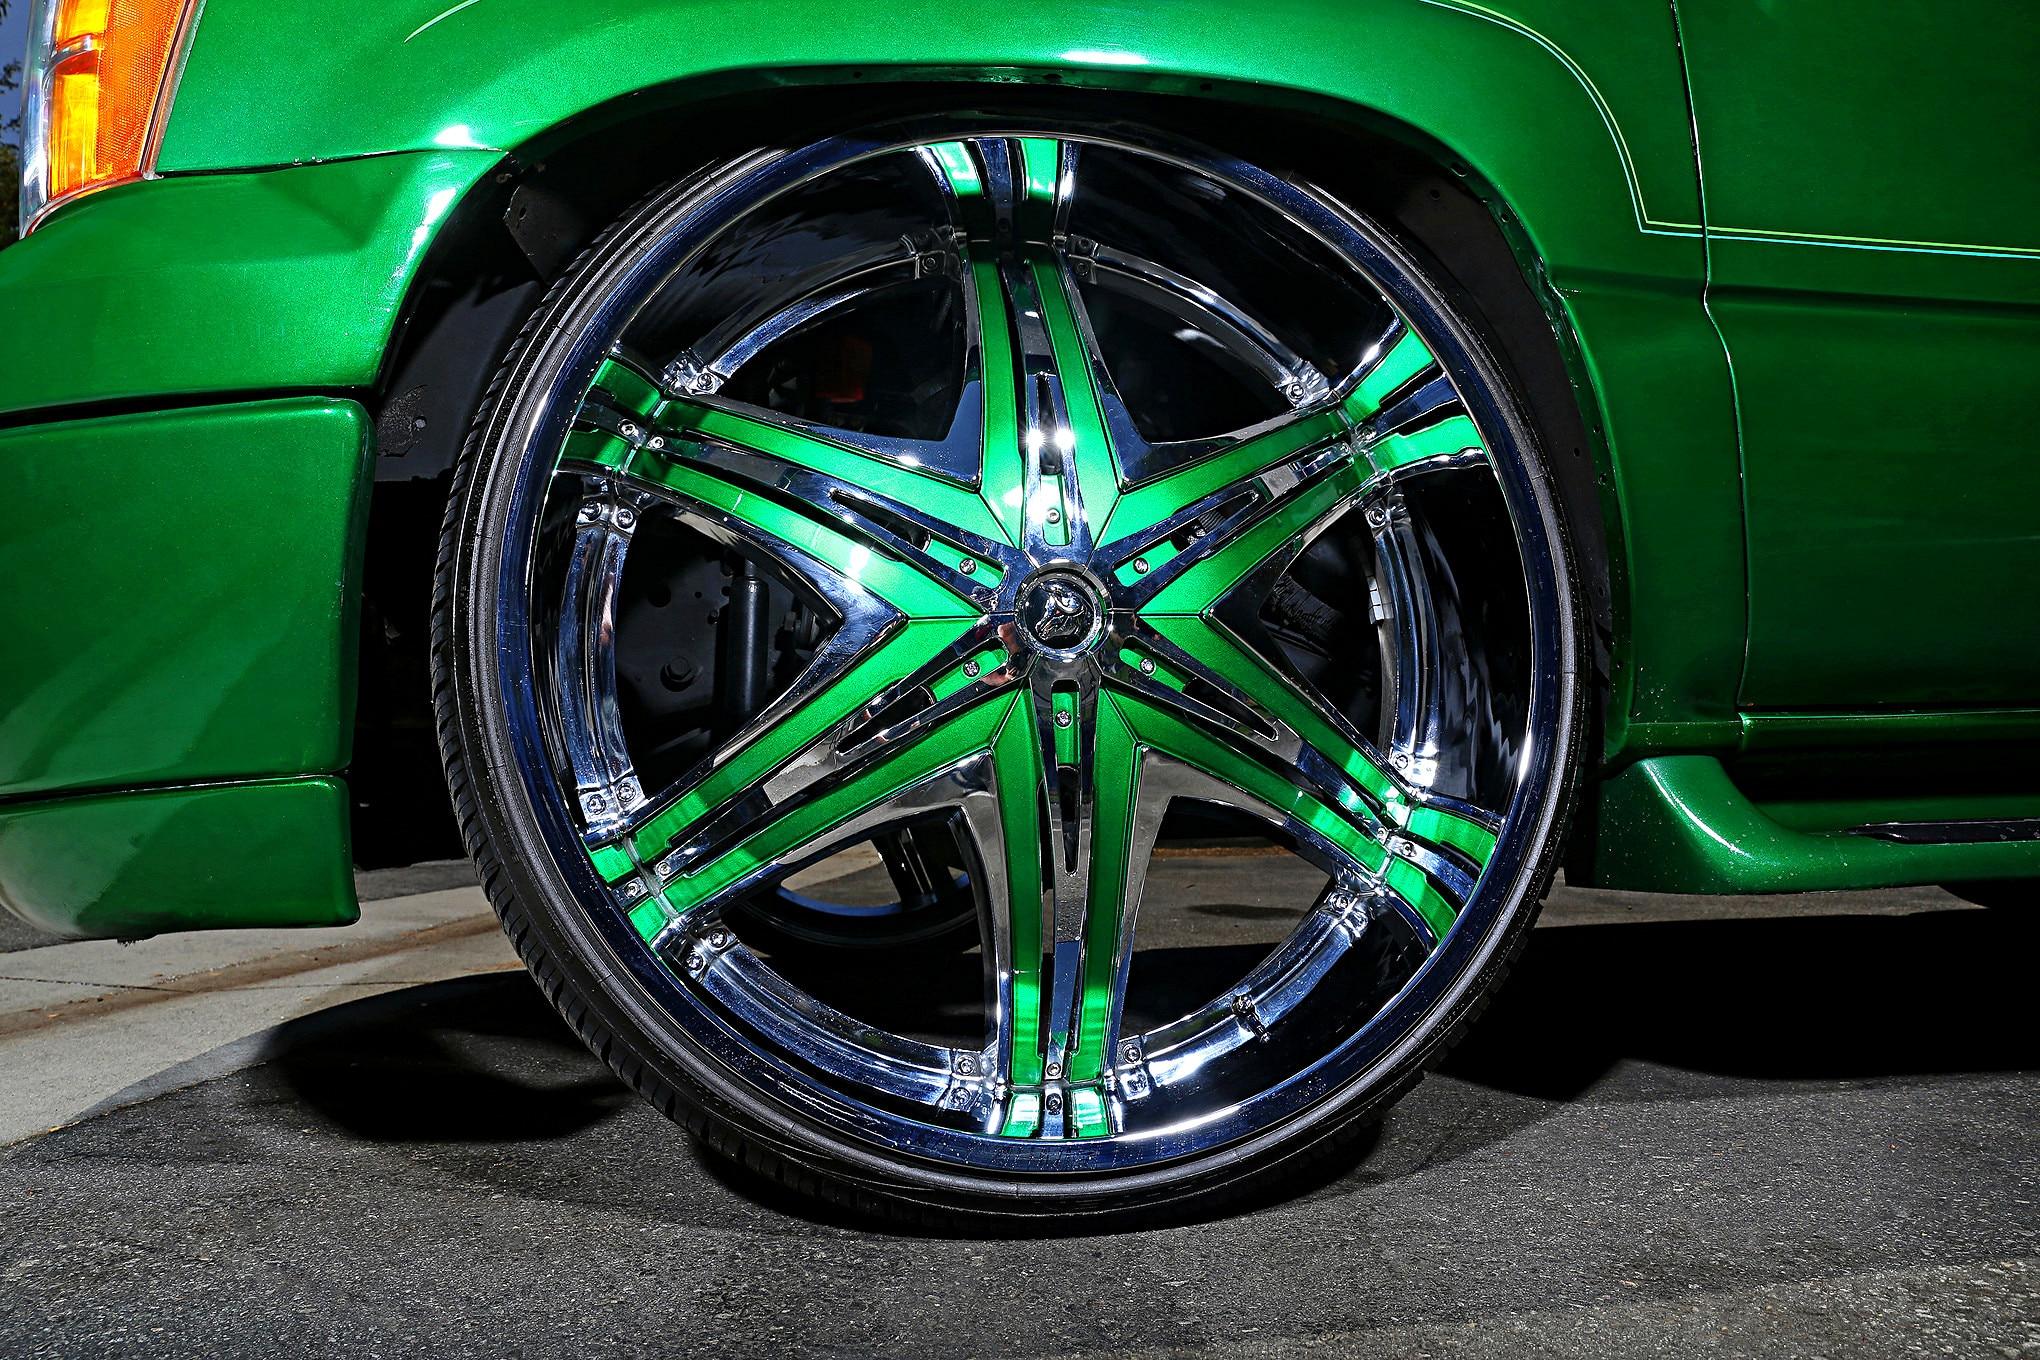 2001 Gmc Yukon Rolling On Diablo Wheels